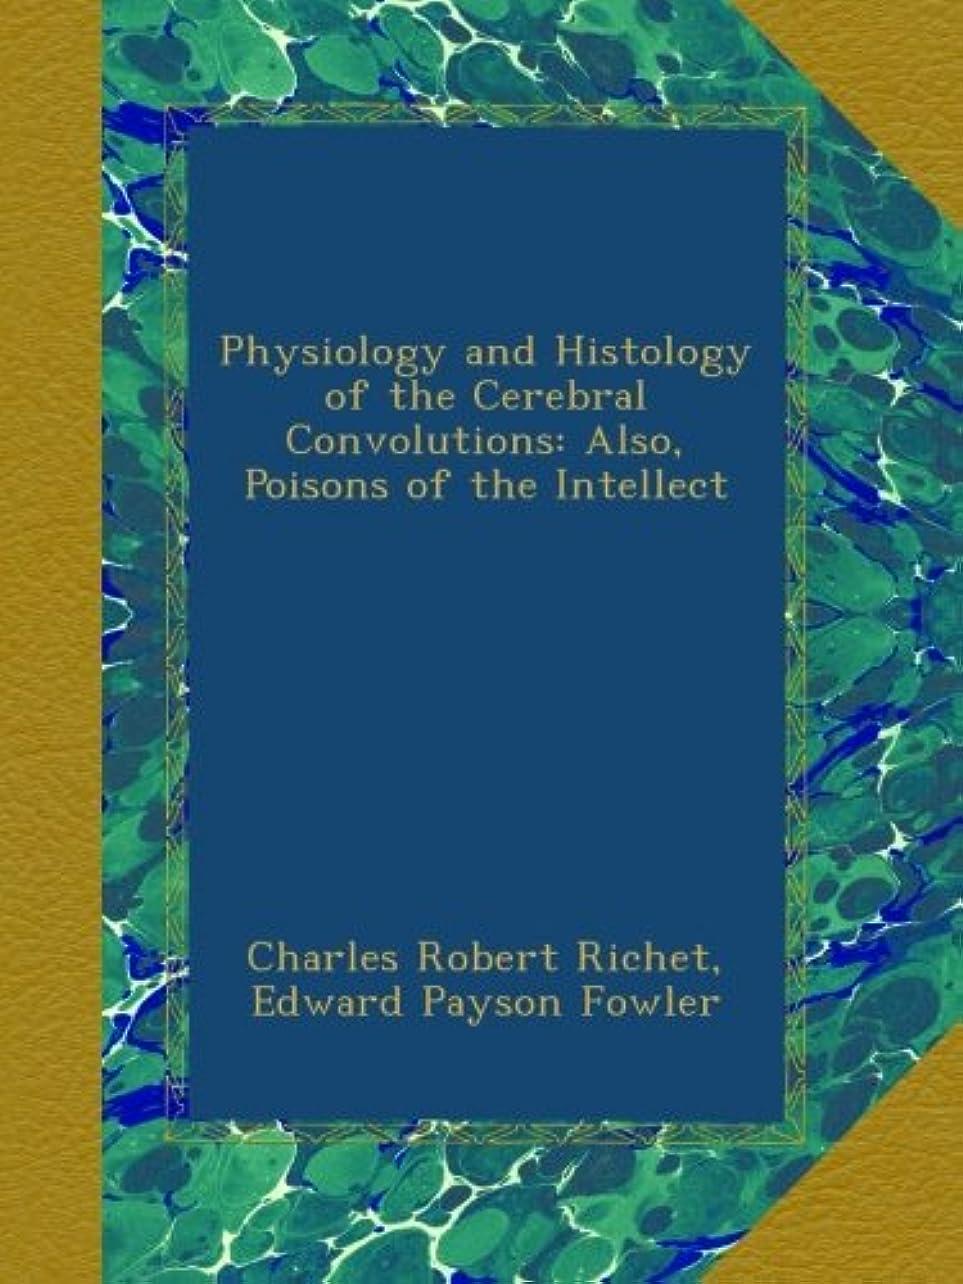 雪だるまを作るエレベーター化粧Physiology and Histology of the Cerebral Convolutions: Also, Poisons of the Intellect